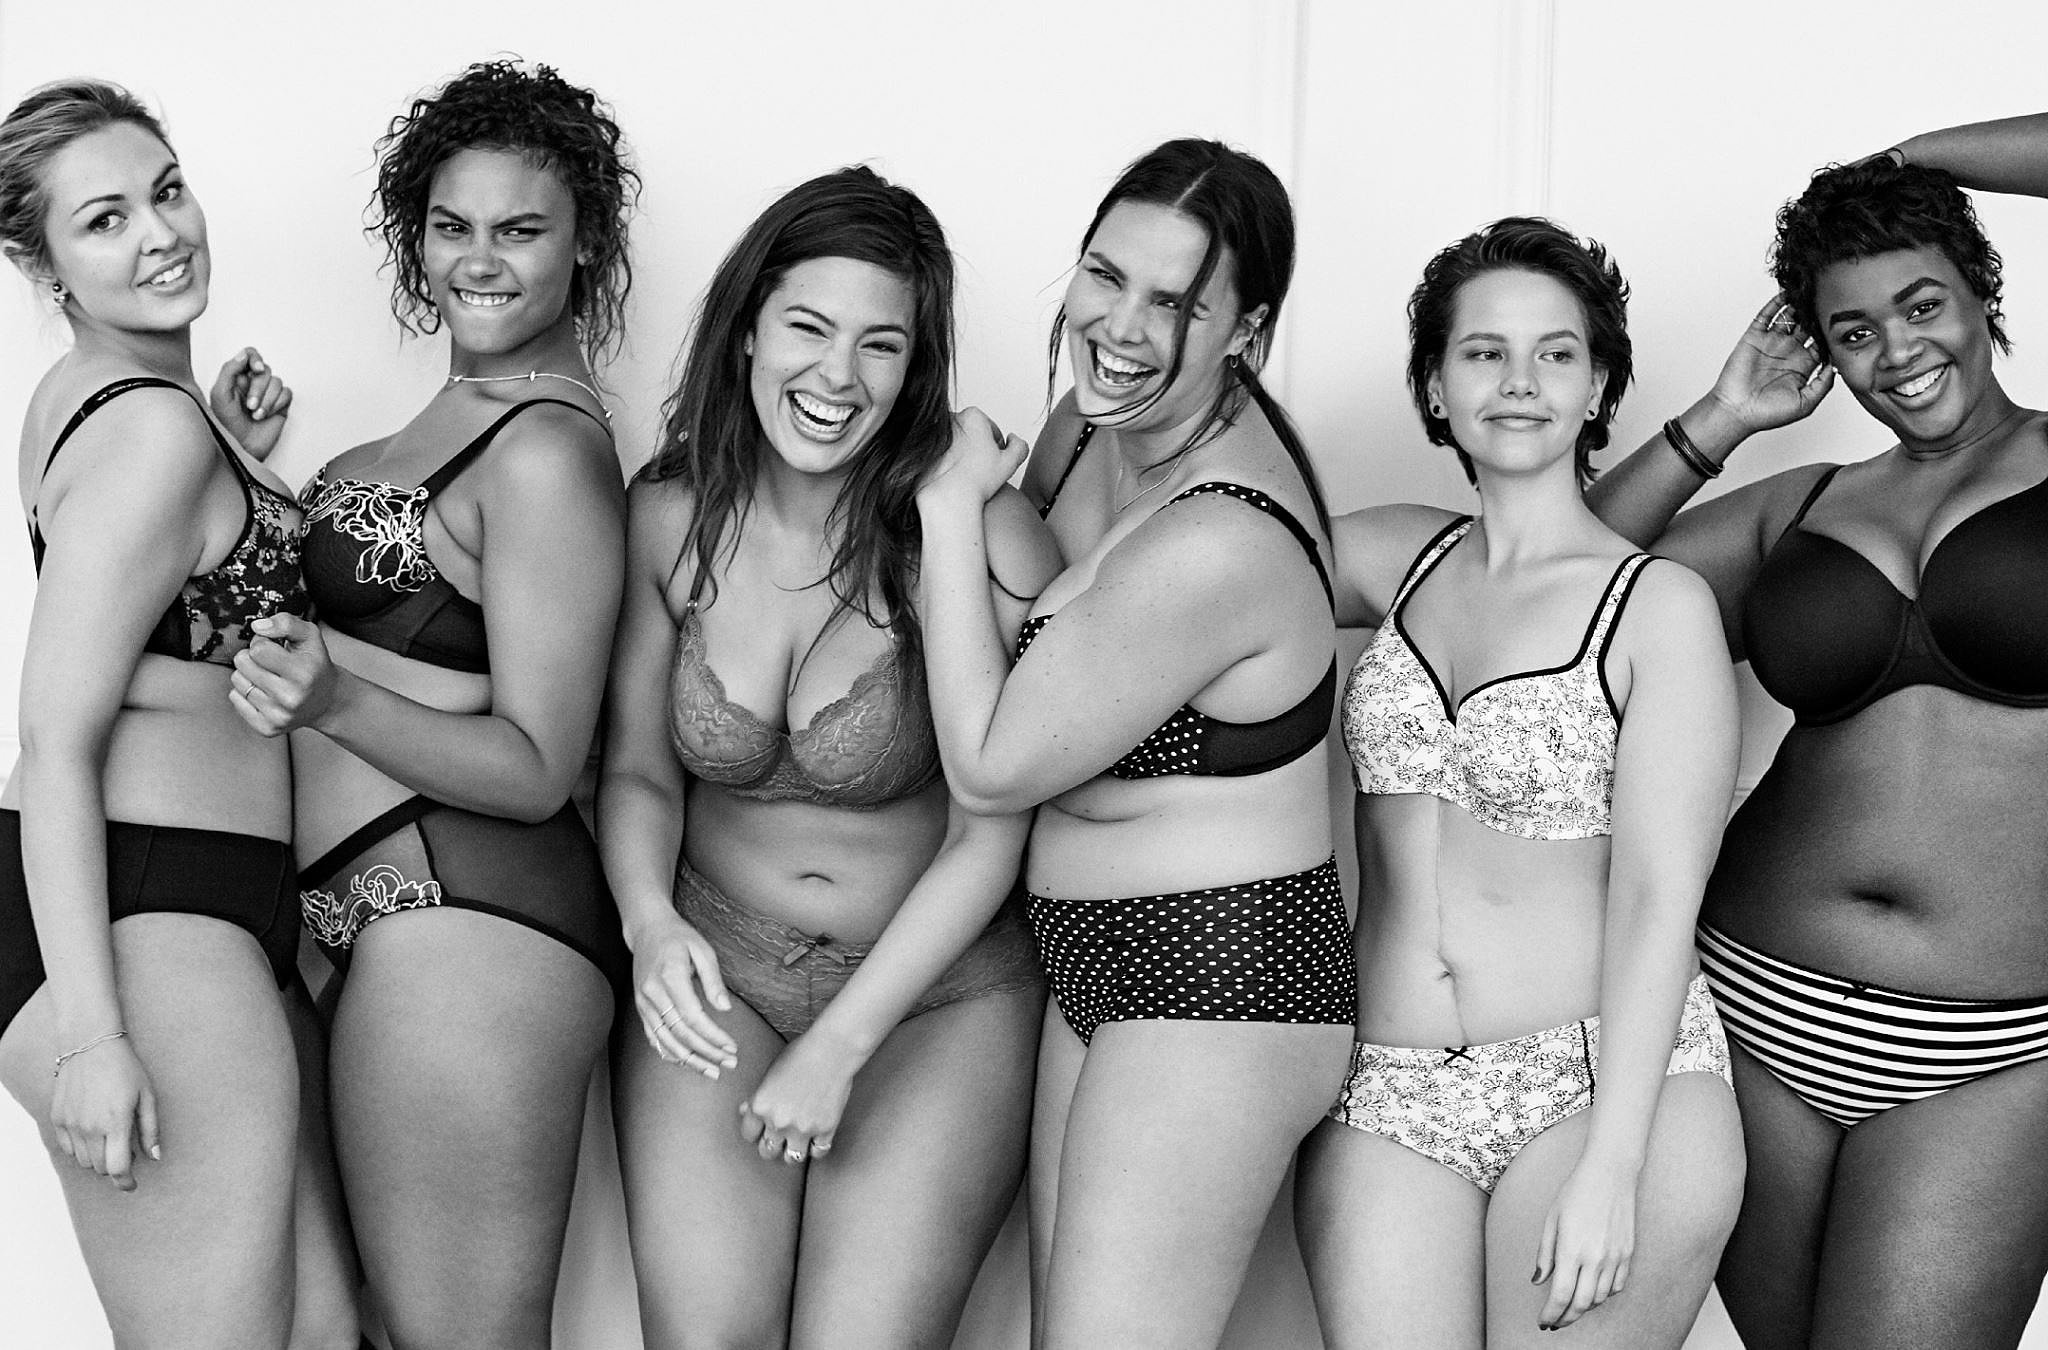 Фото обычных девушек в нижнем белье 4 фотография